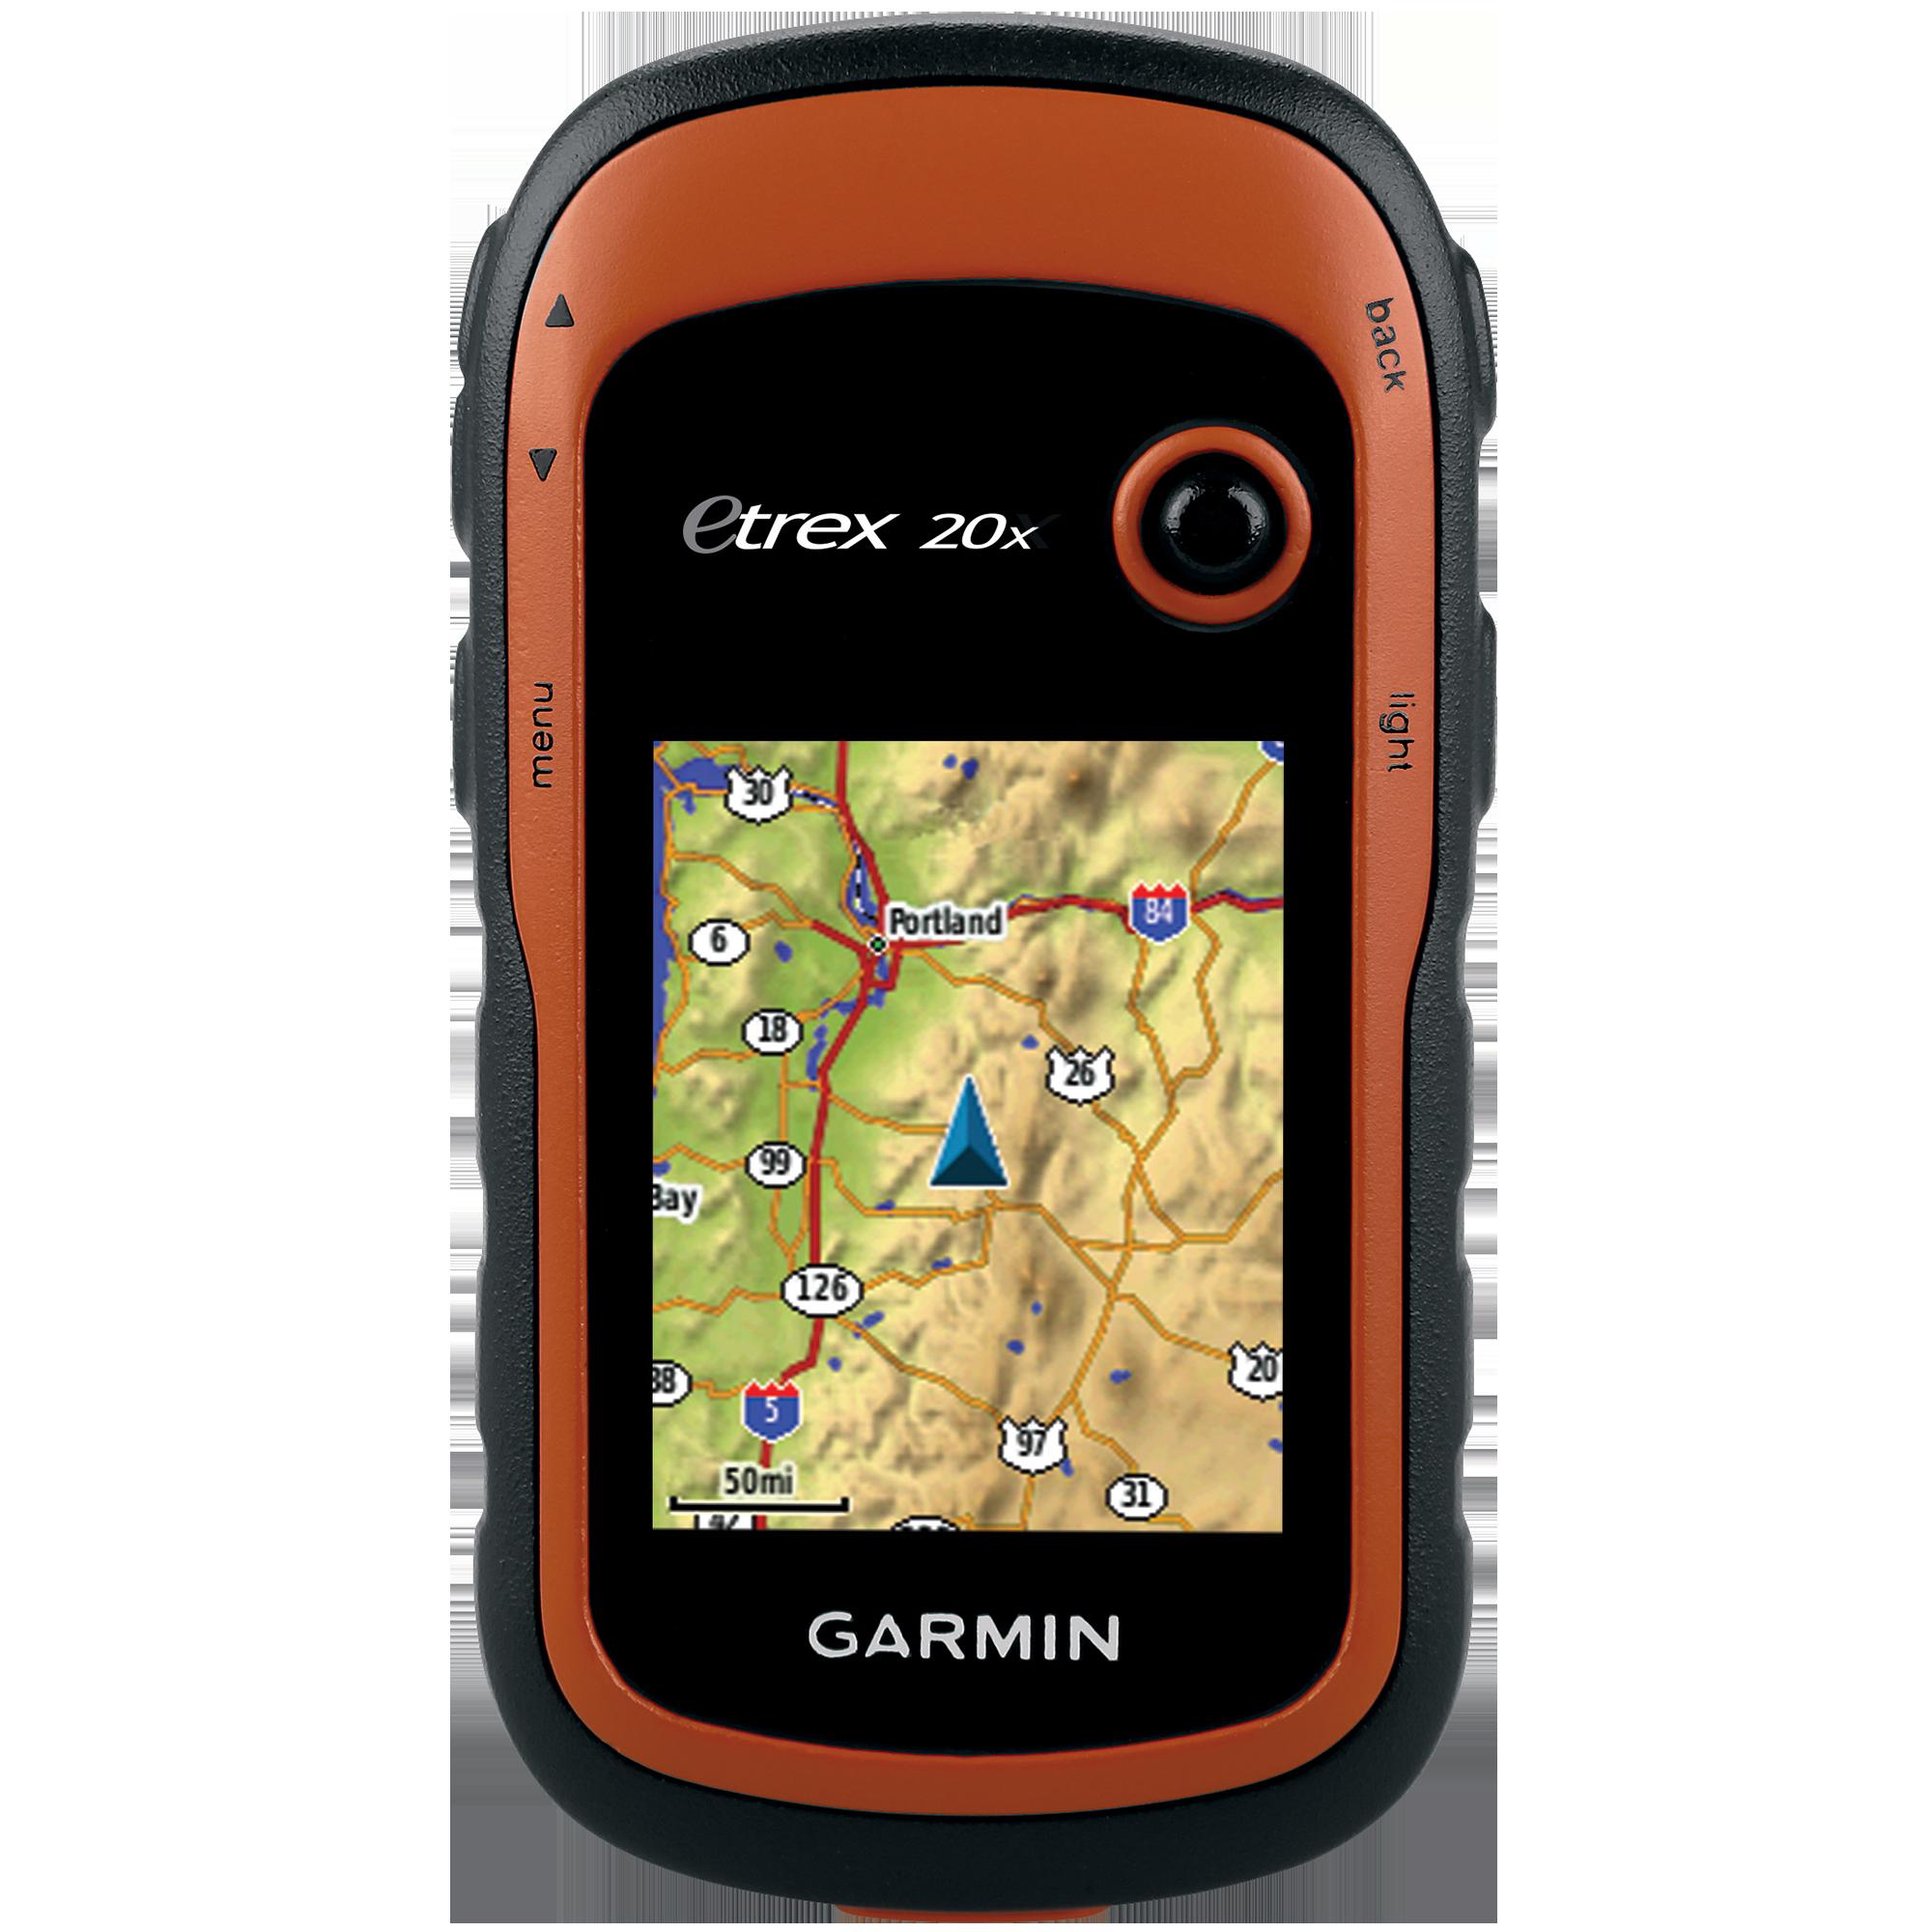 Garmin eTrex 20x Handheld GPS thumbnail